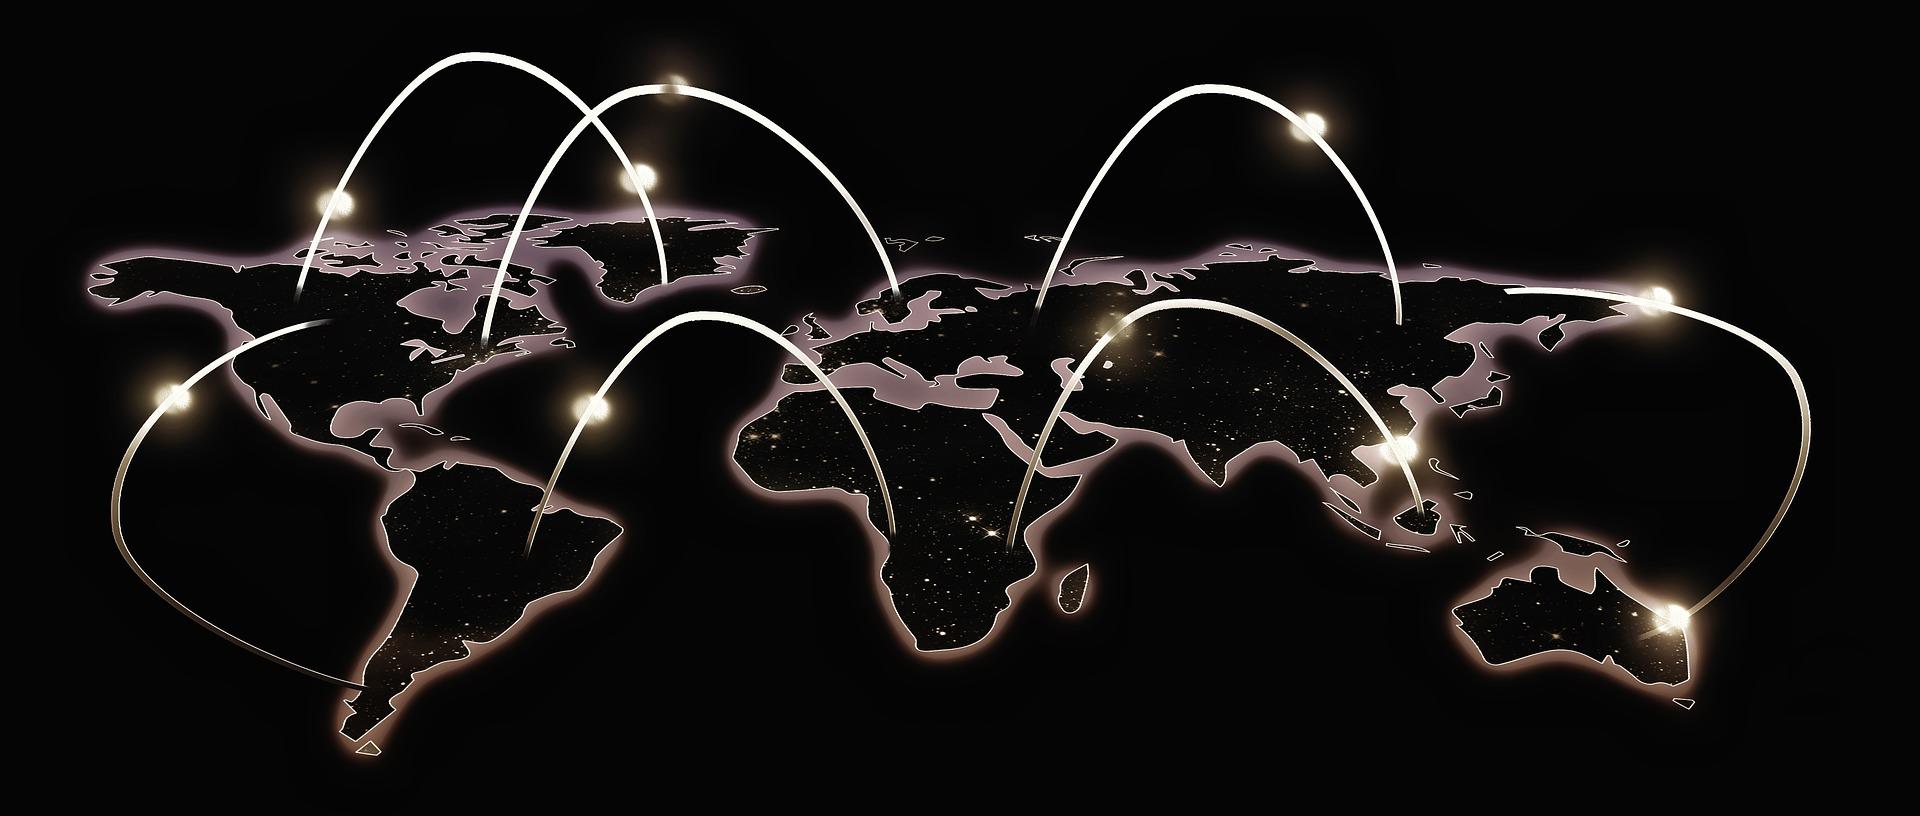 Inteligentne fabryki, domy, miasta, rozszerzona rzeczywistość. Mały krok od rewolucja w świecie bezprzewodowej łączności!